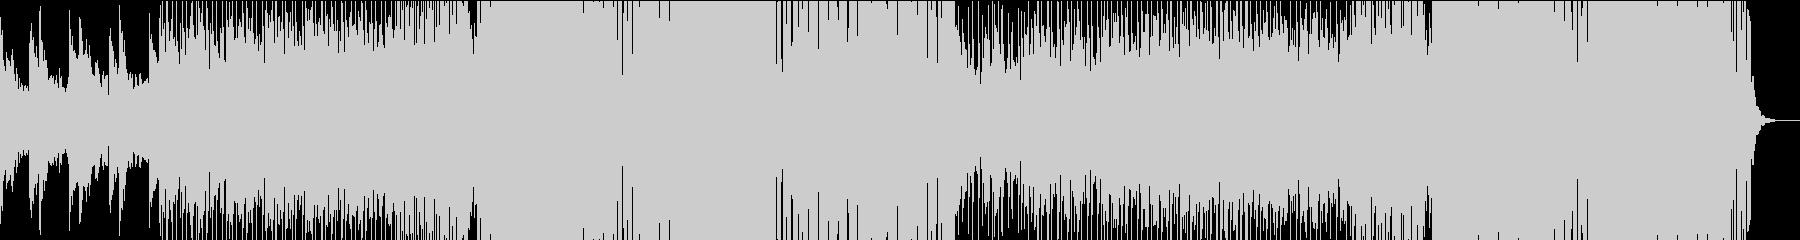 ゆったりしたバカンスのトロピカルハウスの未再生の波形